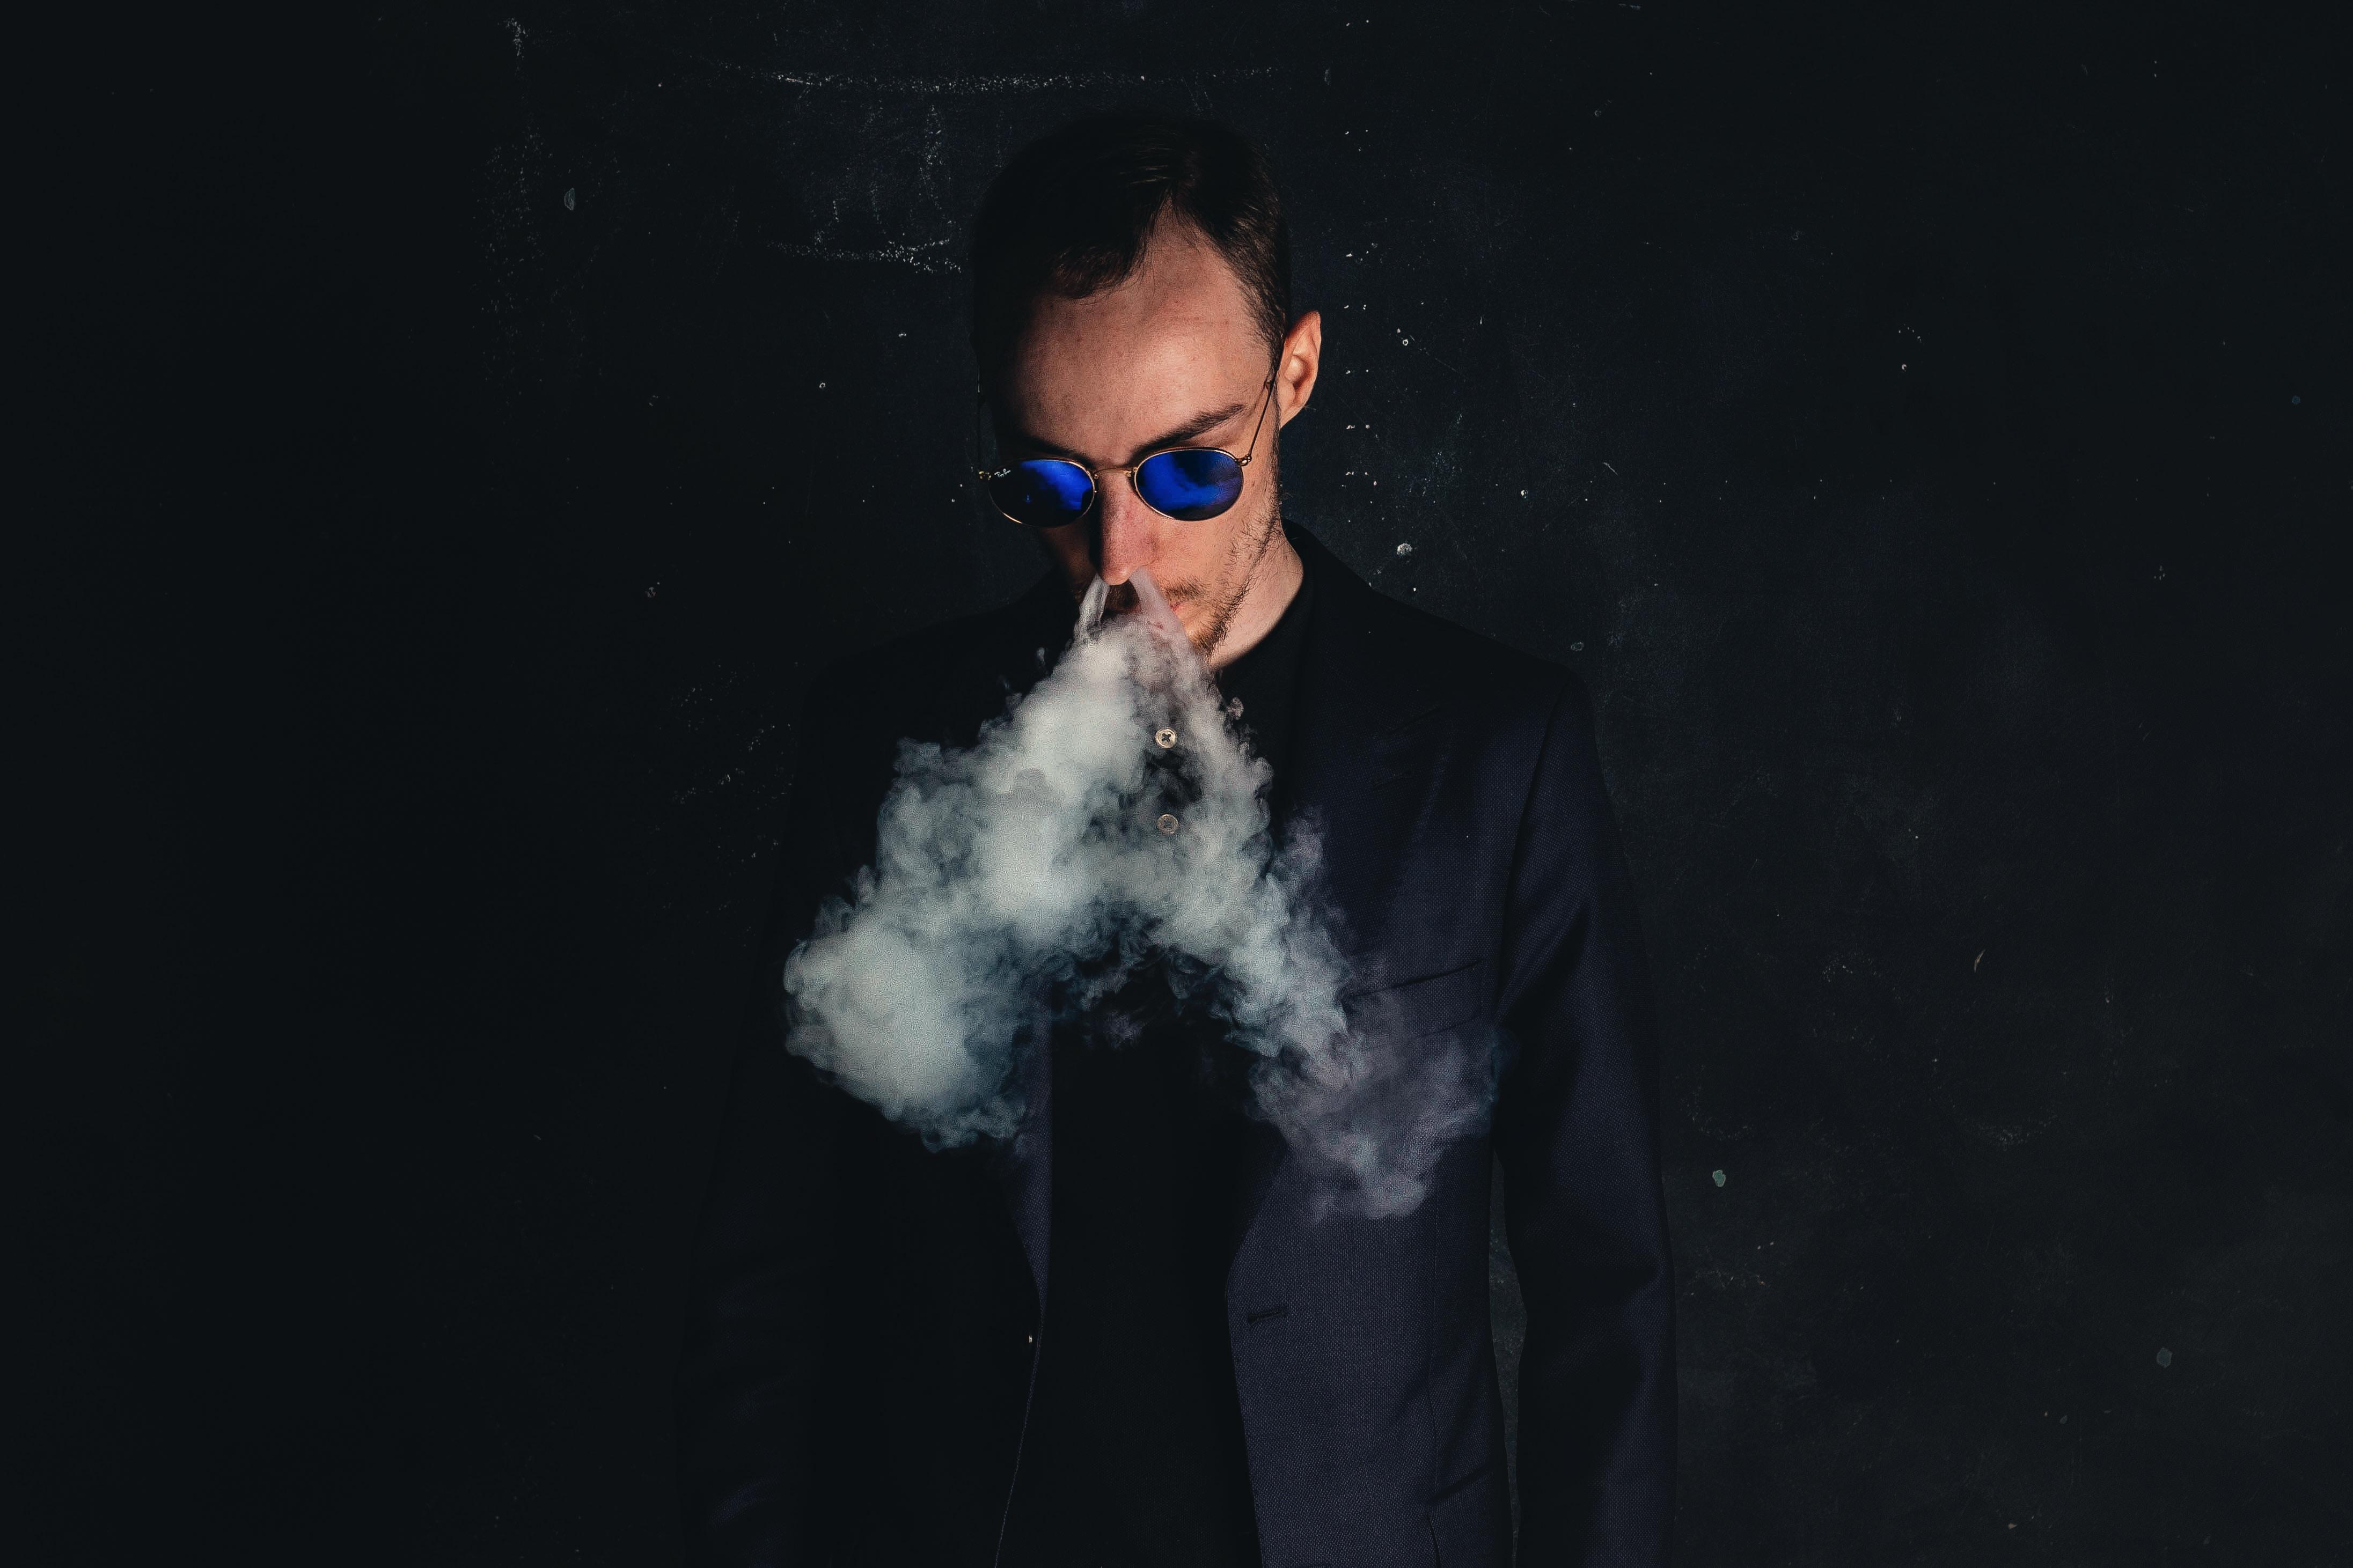 man in black suit jacket smoking